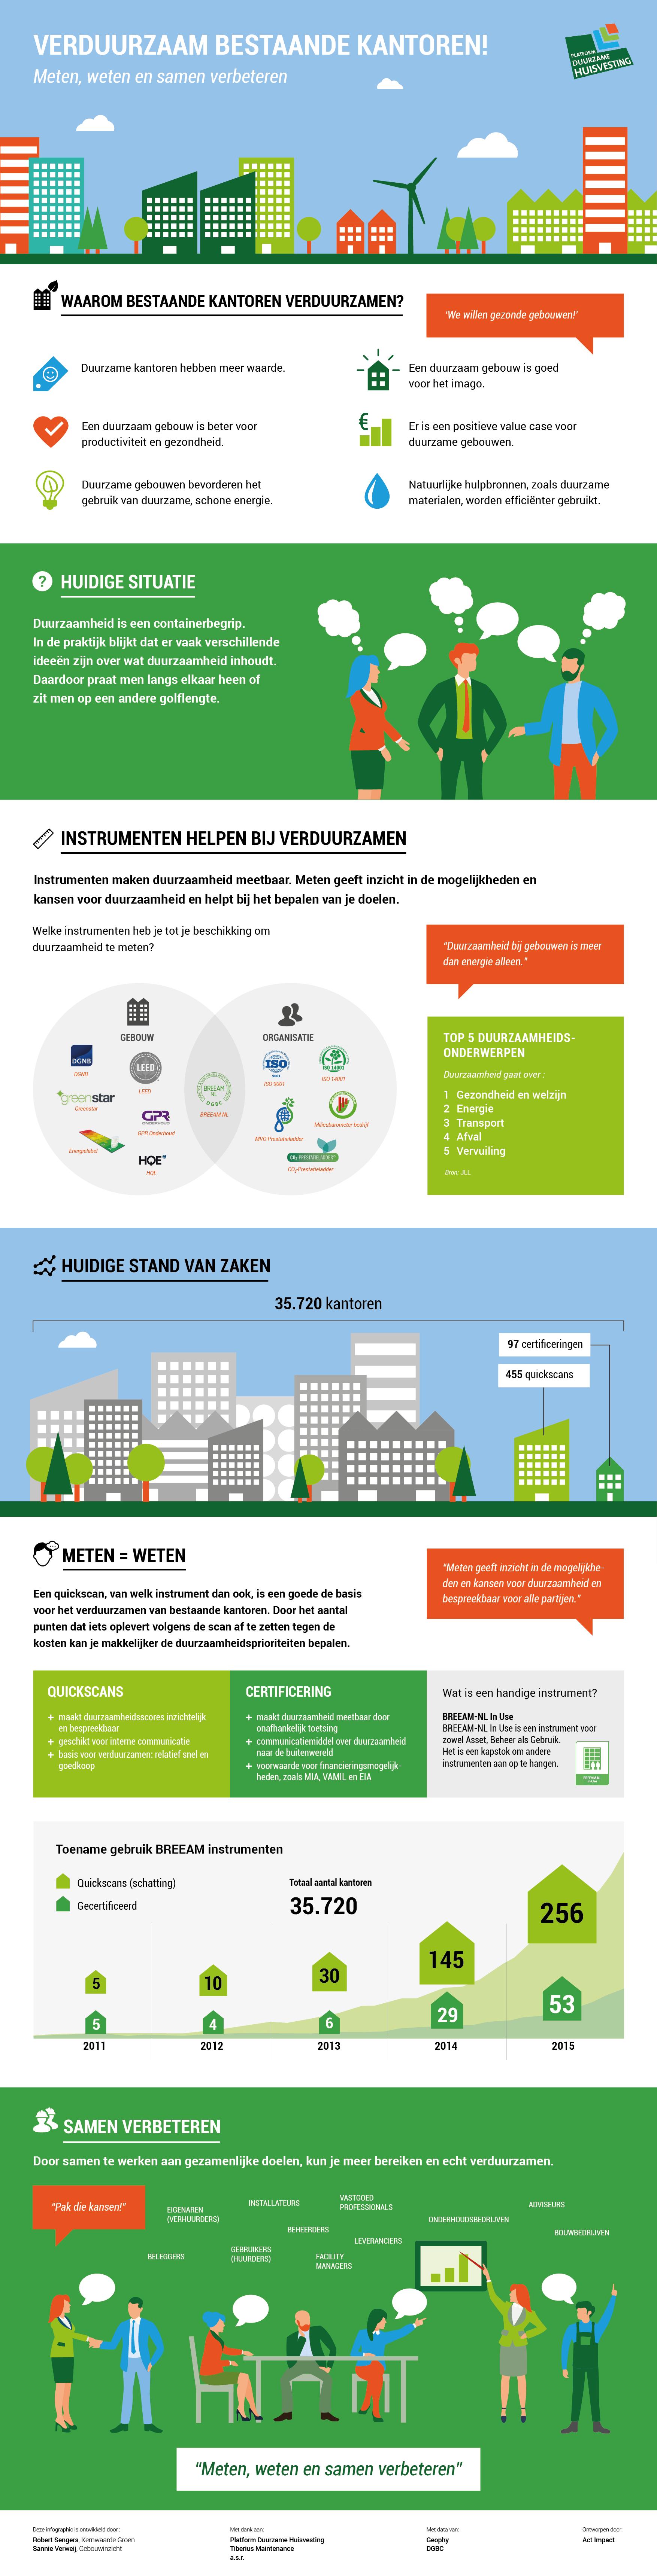 Infographic Verduurzaam bestaande kantoren !